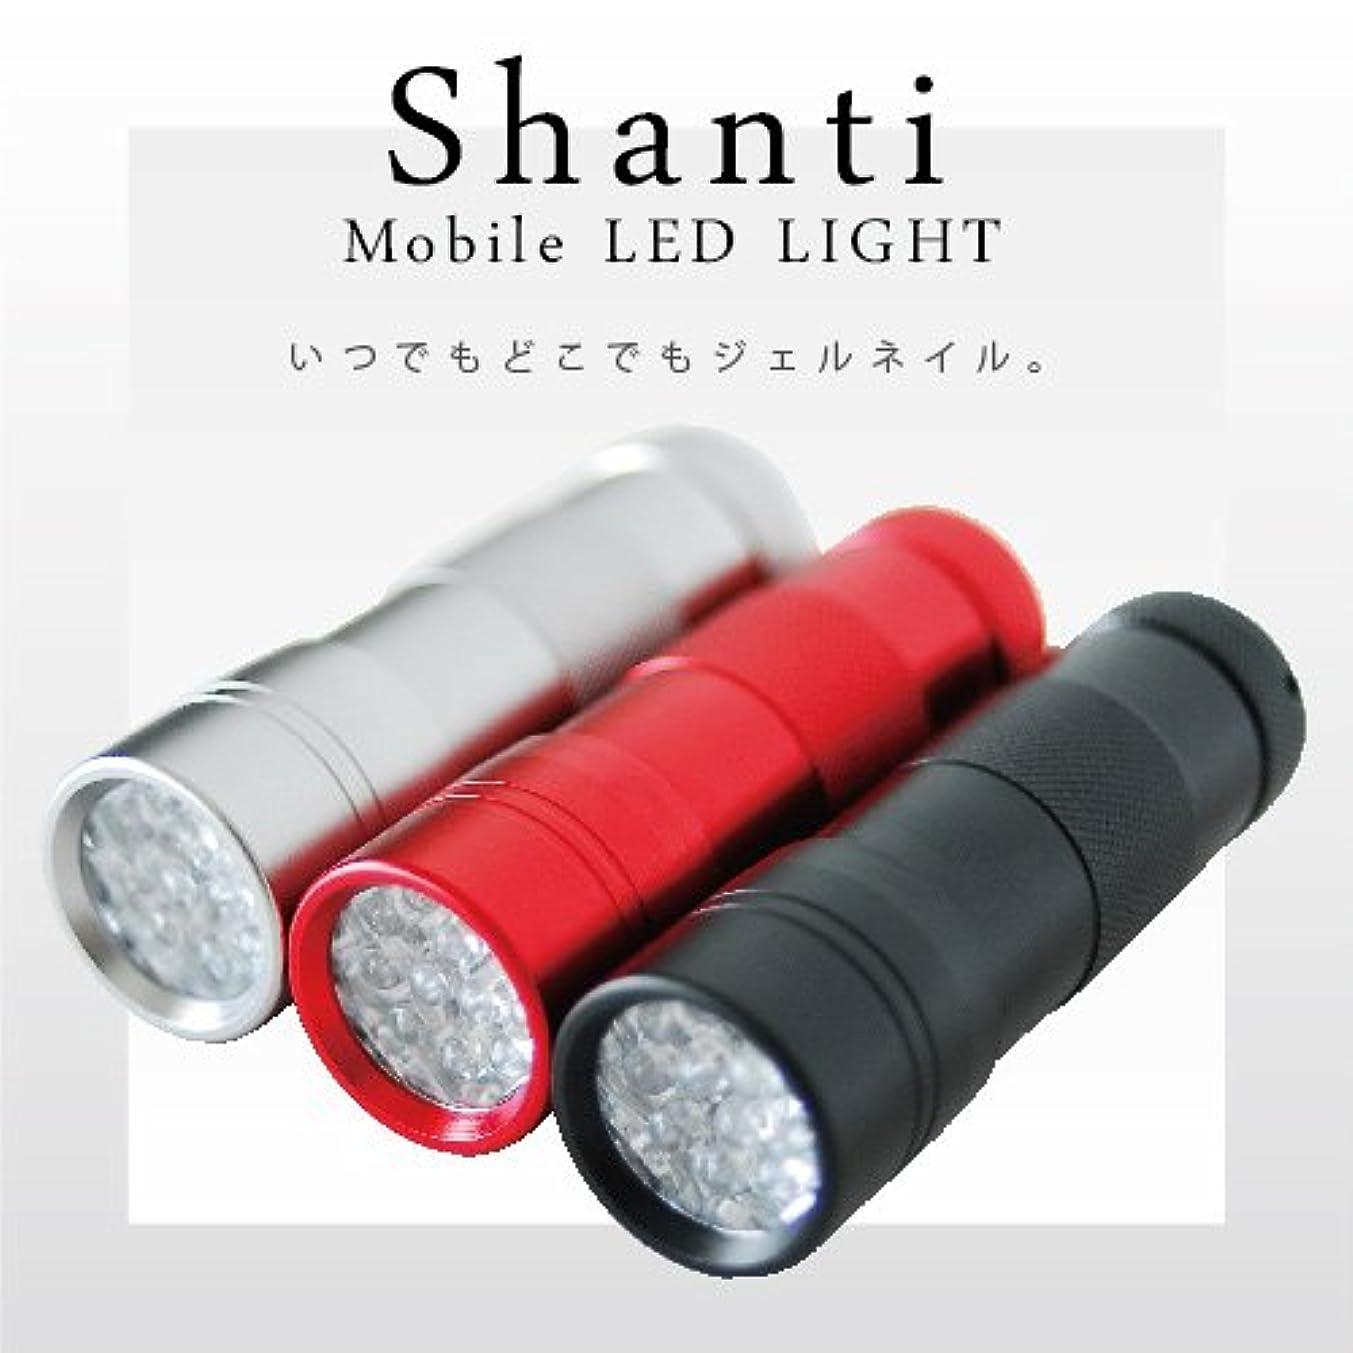 干渉する膨らみにおいジェルネイル用UVライト ペン型LEDライト Shanti Mobile LED ペン型ポータブルLEDライト カラー:シルバー  携帯用ハンドライト